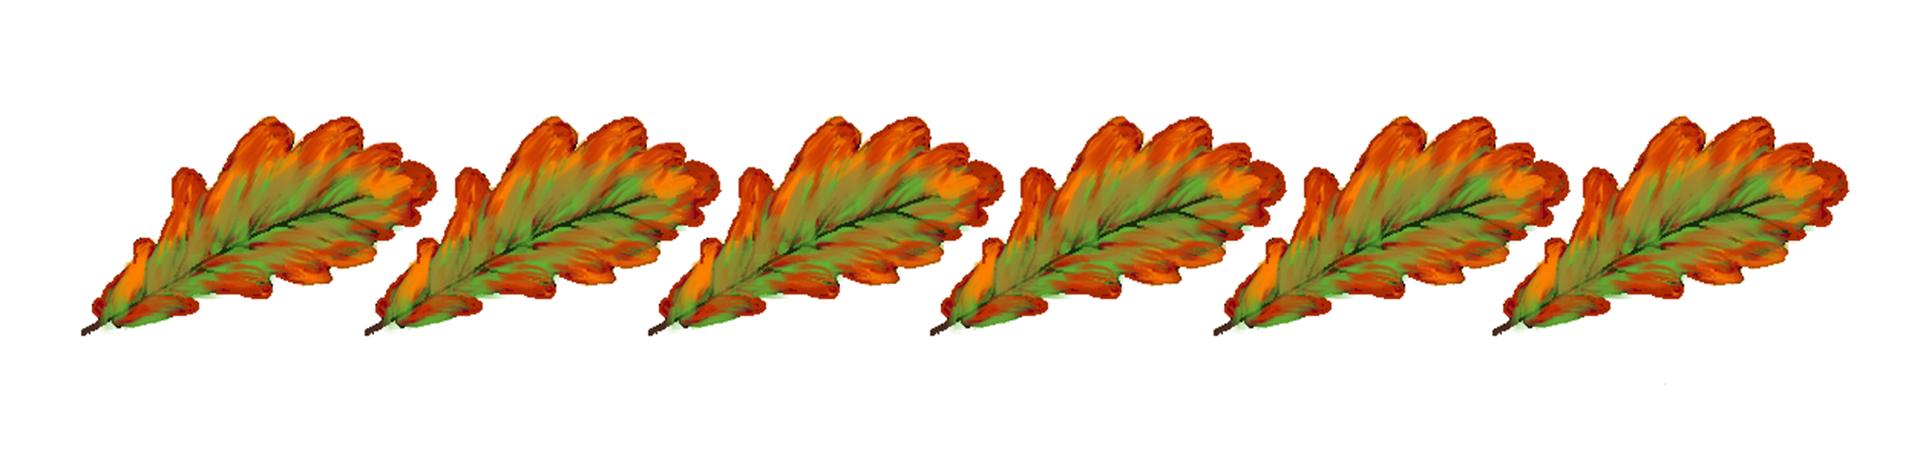 Ilustracja przedstawiająca ornament zjesiennych liści